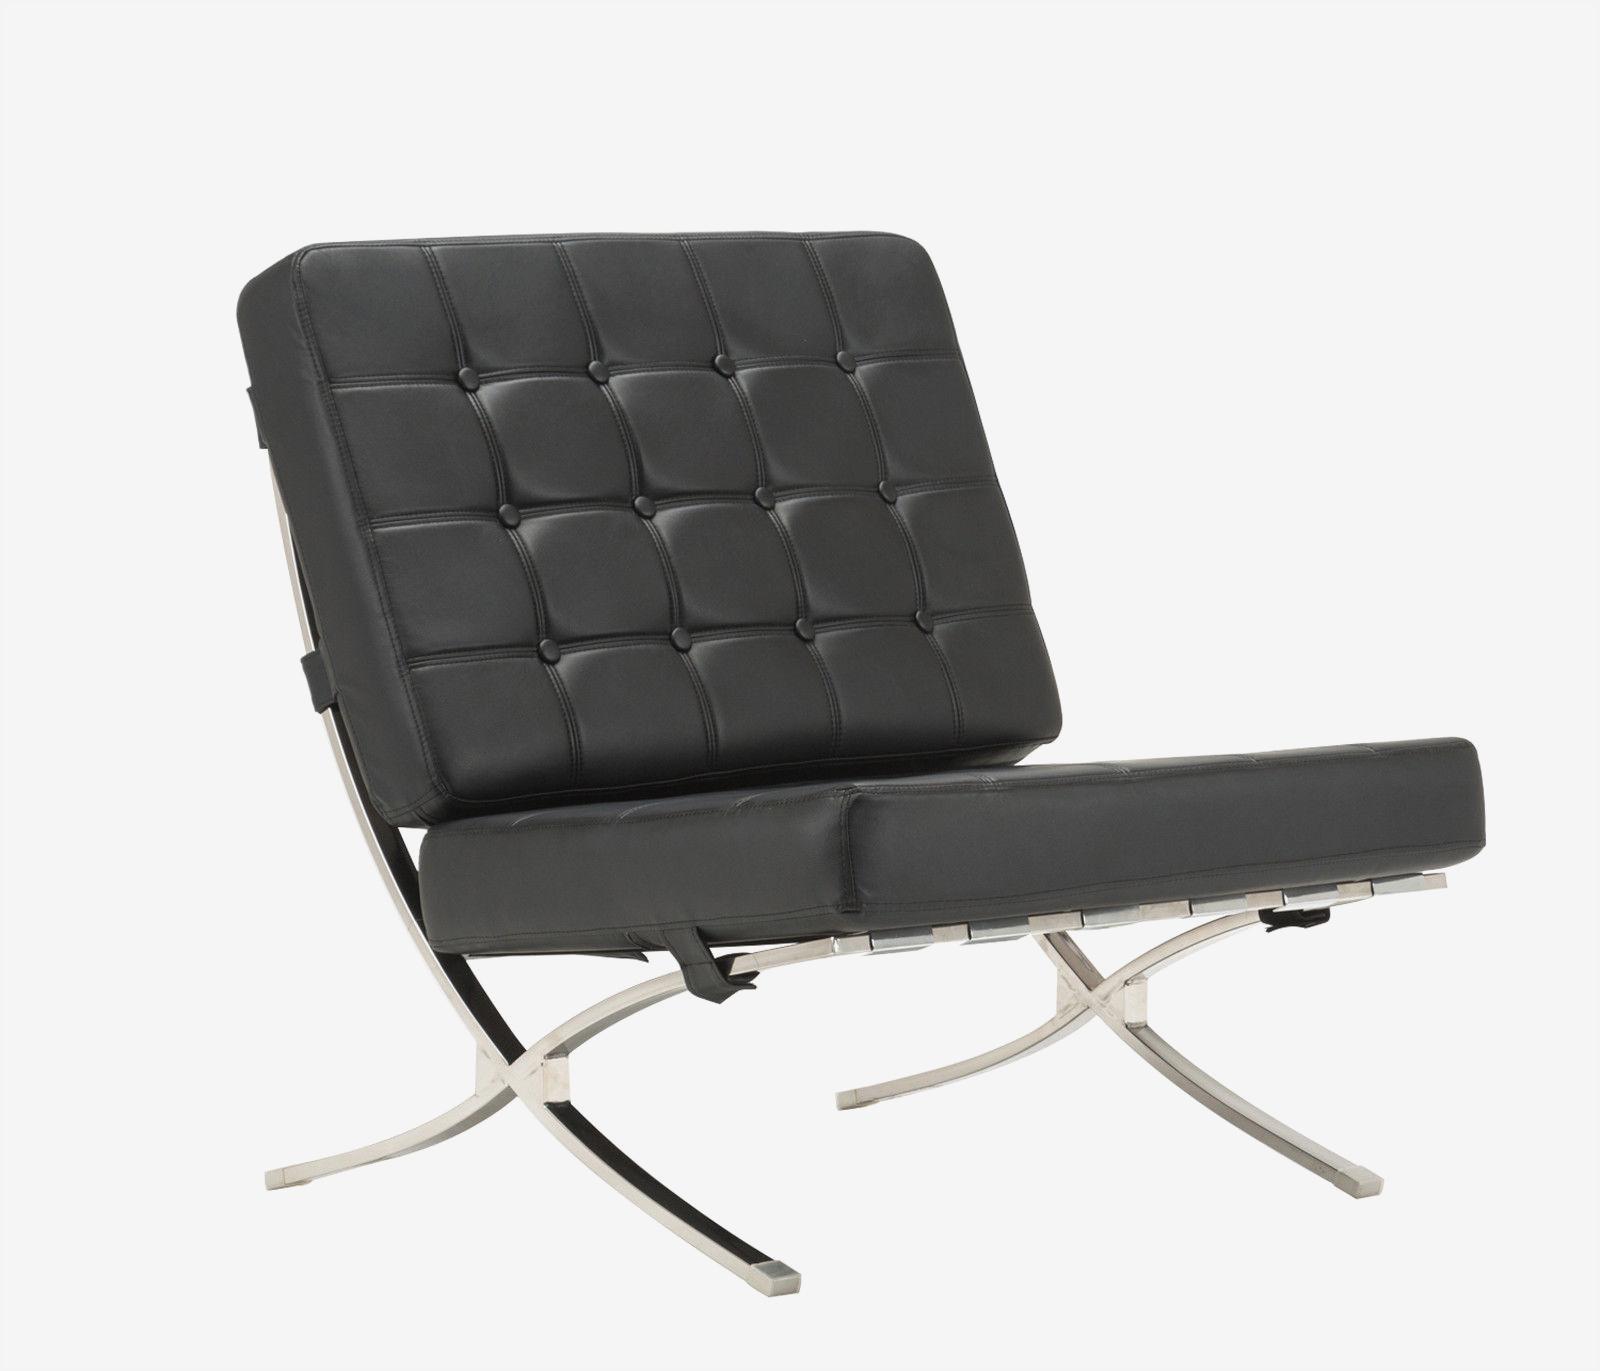 Full Size of Ikea Liegestuhl Agen Sessel Esszimmer Traumhaus Dekoration Küche Kosten Kaufen Garten Betten 160x200 Modulküche Sofa Mit Schlaffunktion Miniküche Bei Wohnzimmer Ikea Liegestuhl